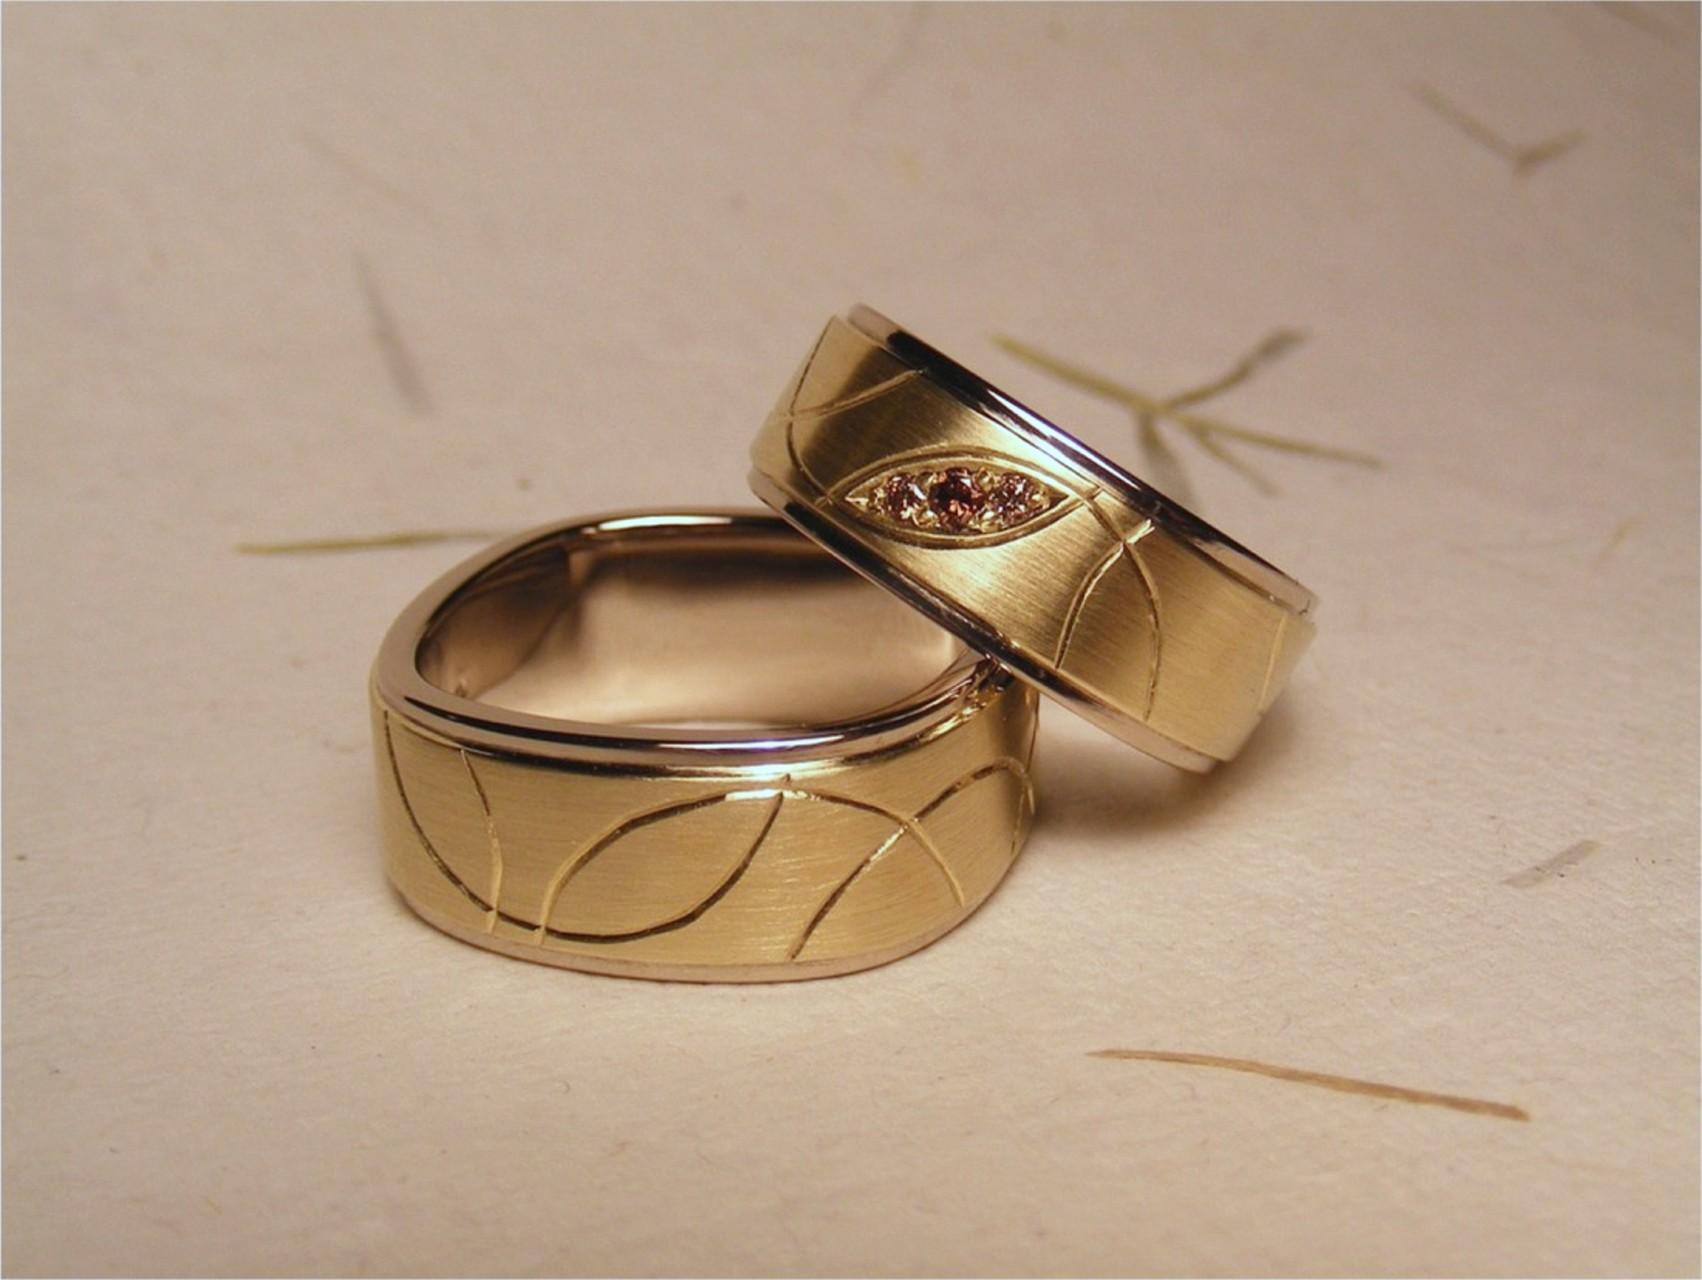 14kt wit- en geelgoud, bruine diamanten en handgravure